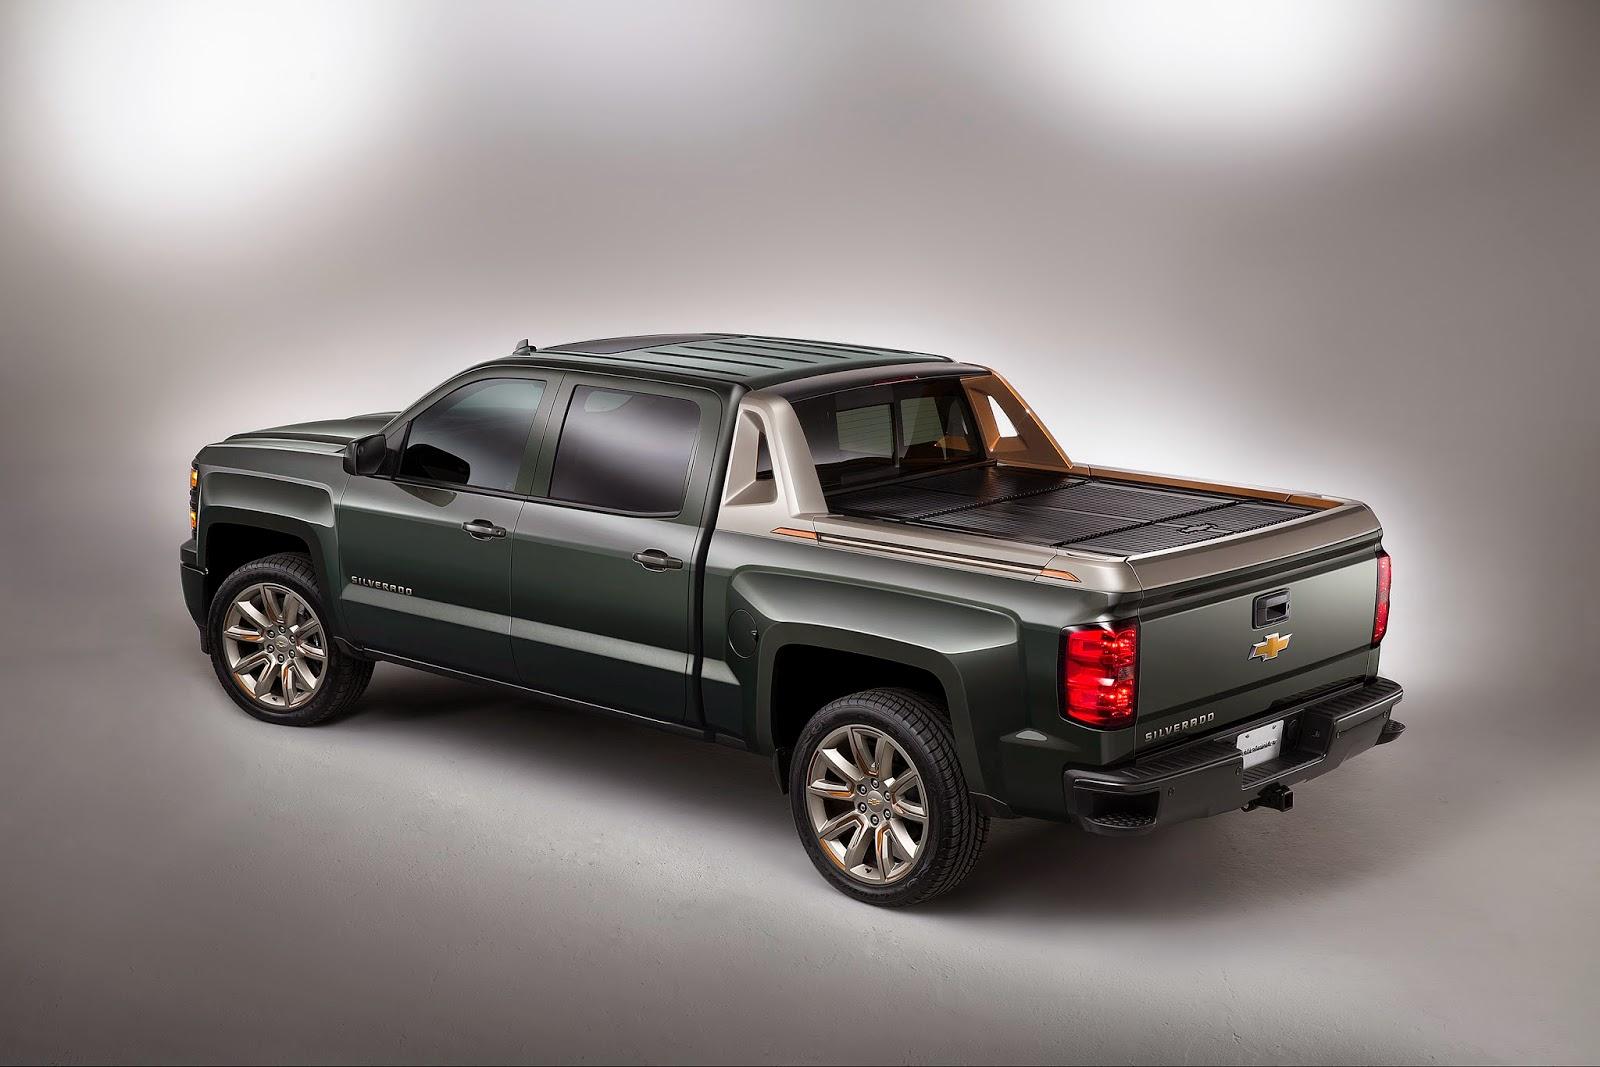 http://3.bp.blogspot.com/-XF9nluavF2Q/VFjgFVVpUaI/AAAAAAAA4HE/nrwDI4kfE8M/s1600/Chevrolet%2BSilverado%2BHigh%2BDesert%2Bconcept%2B1.jpg